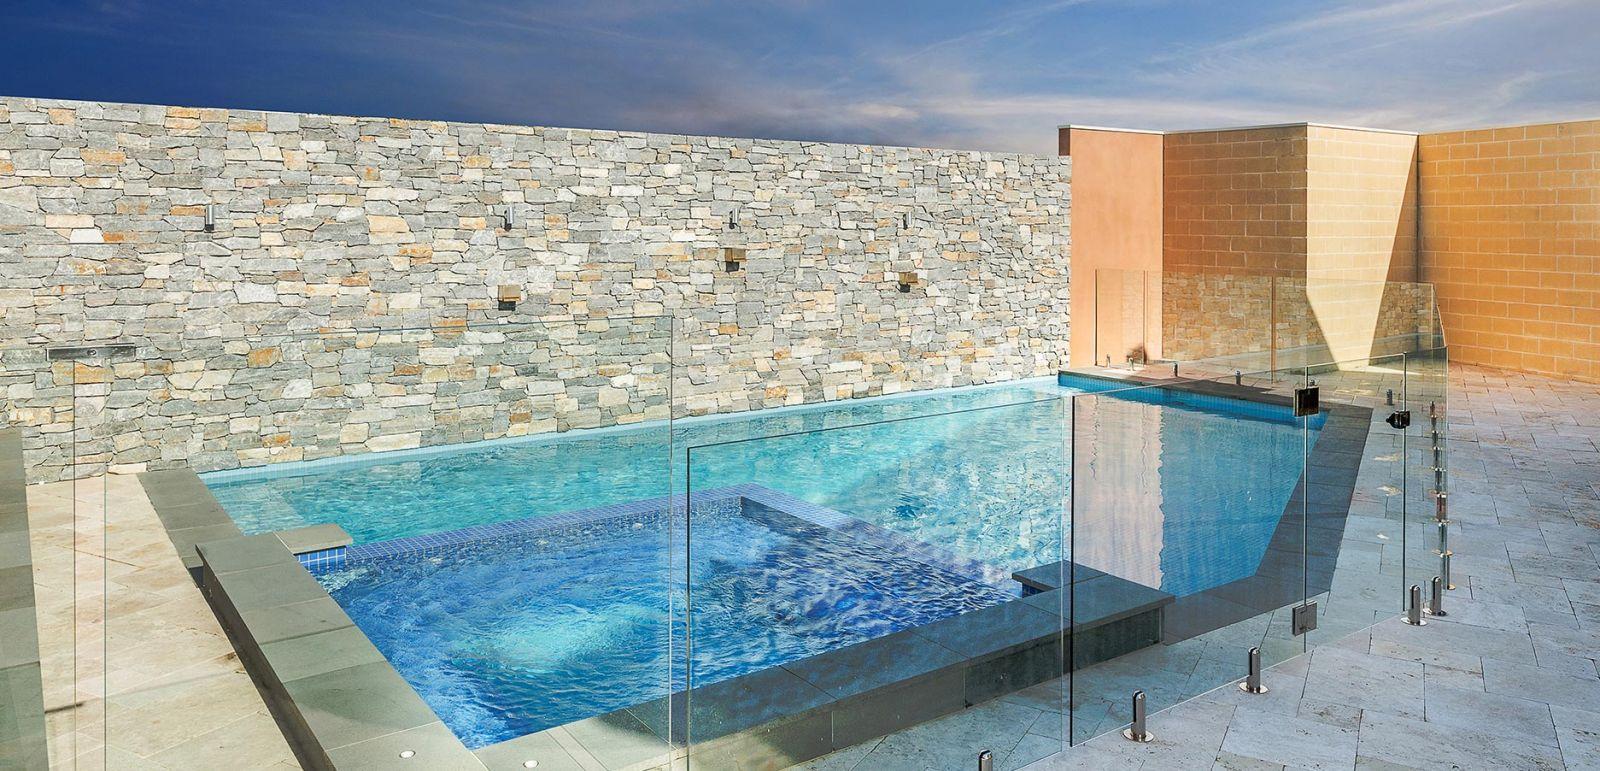 swimming Pools for Small Areas Melbourne, Victoria, Australia